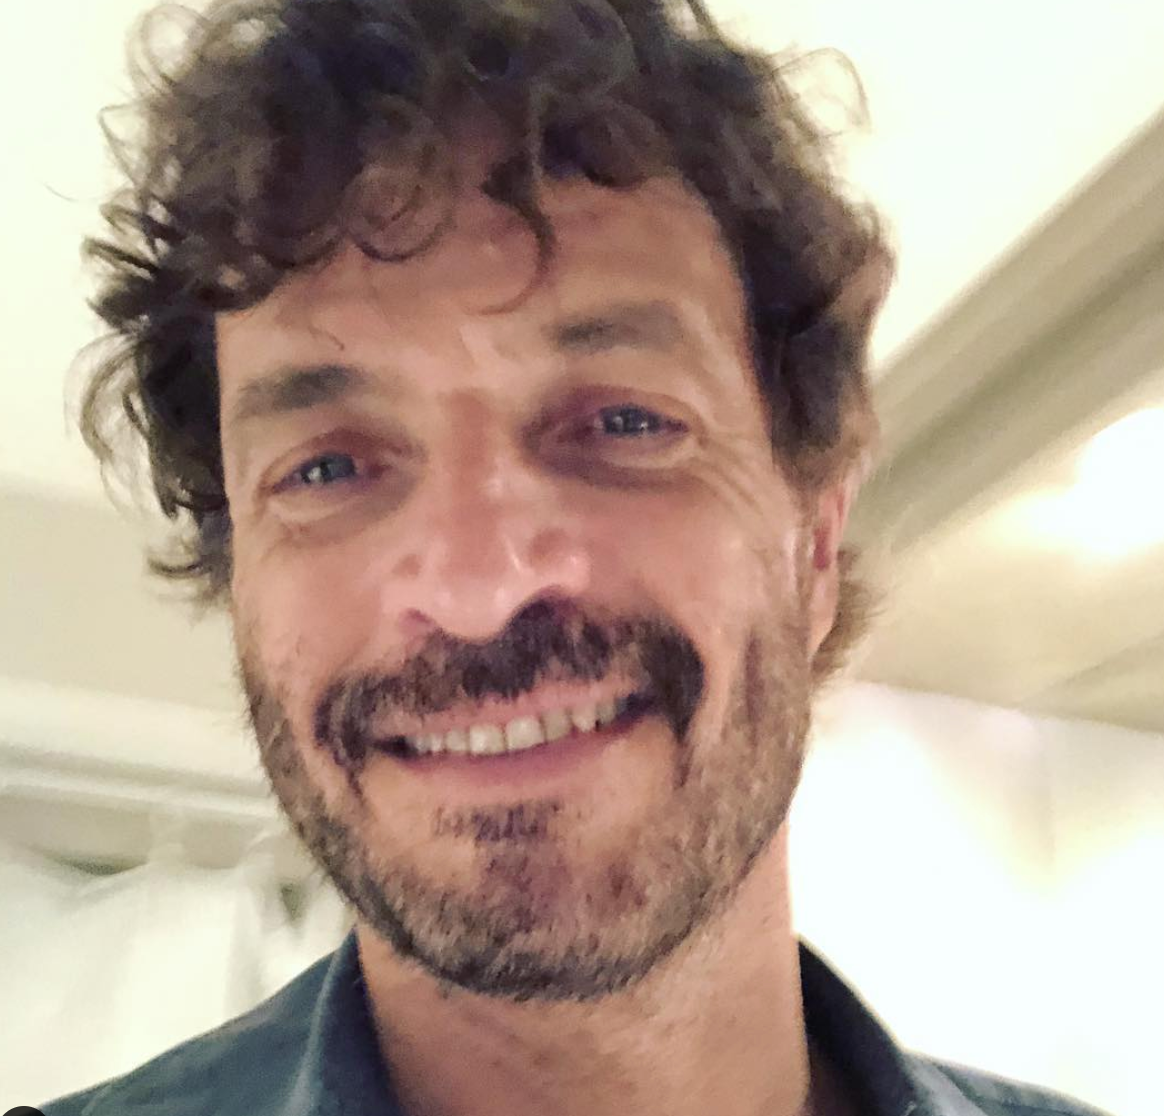 Philippe Zdar, membre du duo électro Cassius est mort